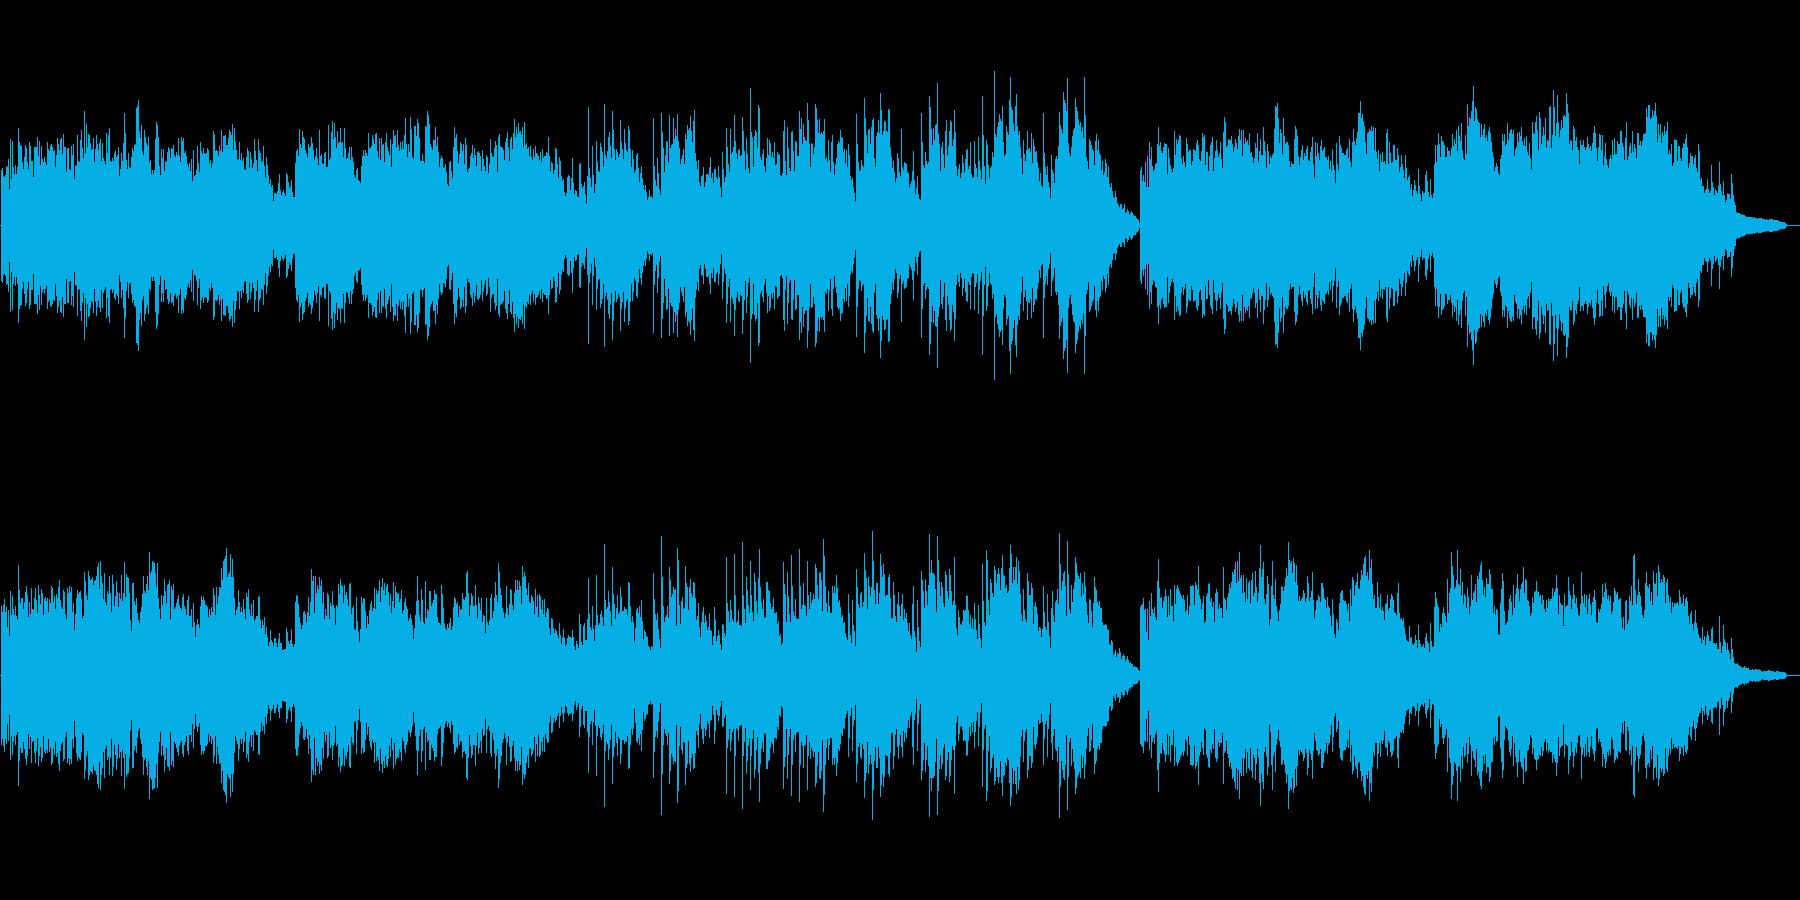 時代劇のテーマ曲の再生済みの波形